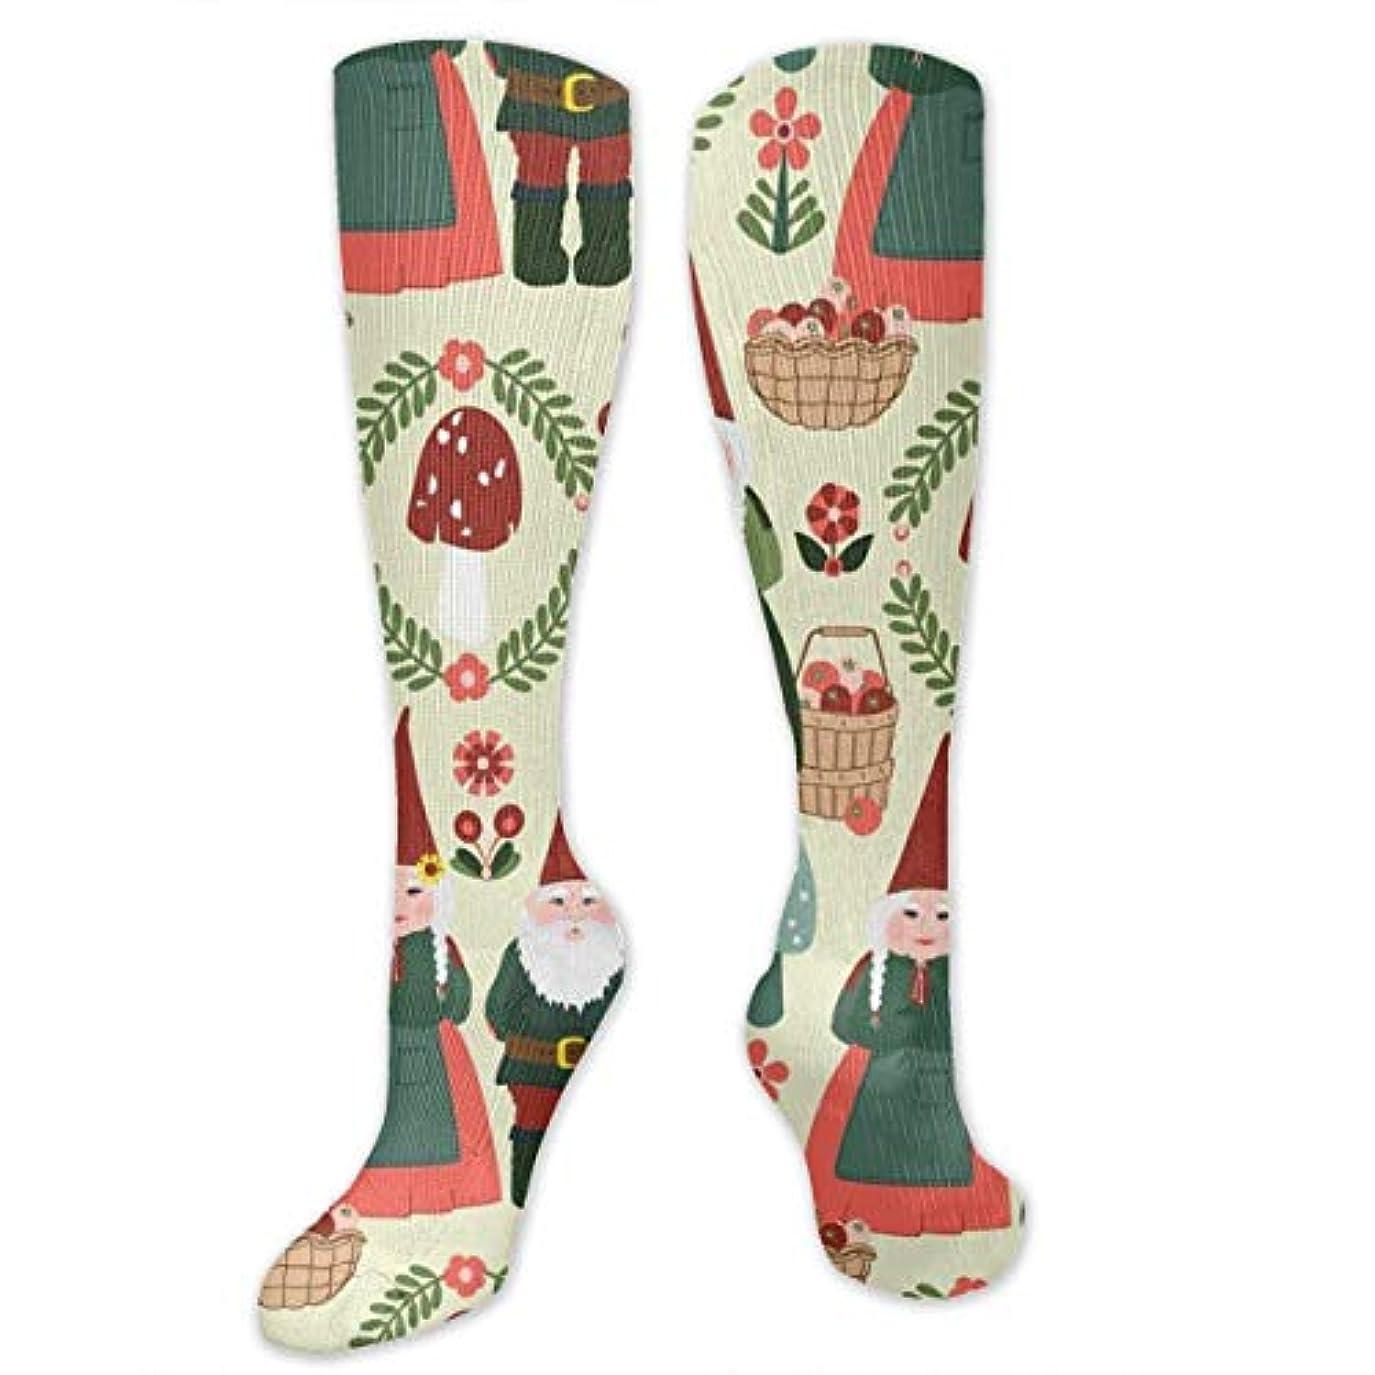 カートリッジ故障中スチュアート島靴下,ストッキング,野生のジョーカー,実際,秋の本質,冬必須,サマーウェア&RBXAA Christmas Gnomes Winter Party Socks Women's Winter Cotton Long Tube...